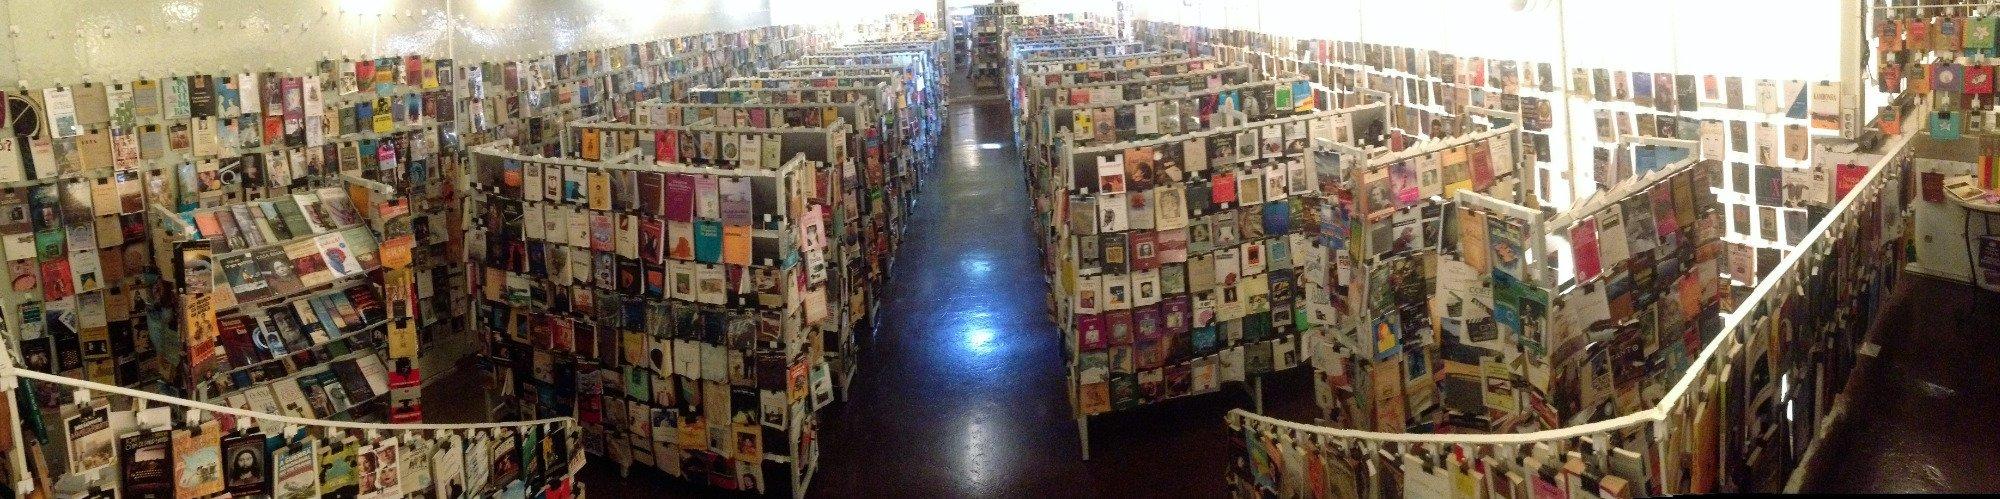 Funchal-boekwinkel